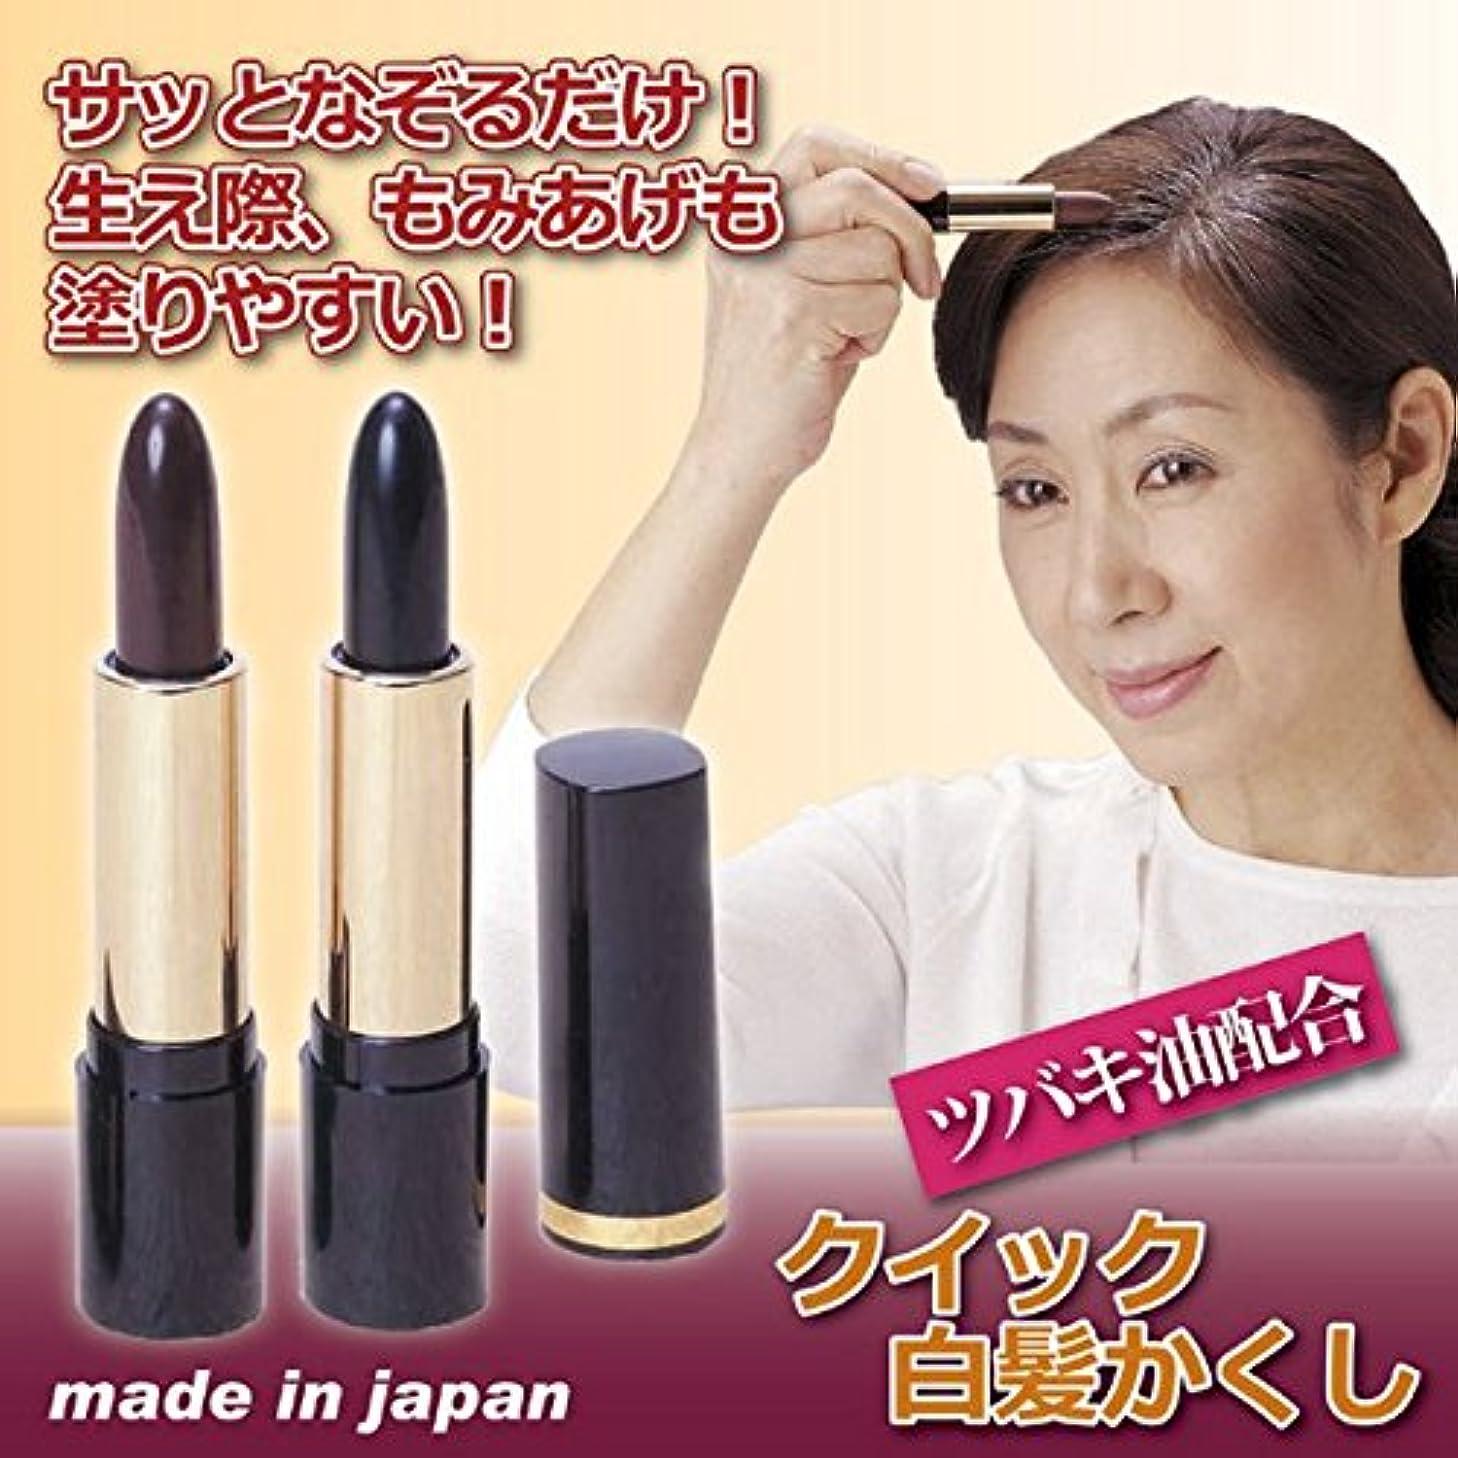 リズムエレガントローマ人クイック白髪かくし (男女兼用/ブラウン) 無香料 日本製